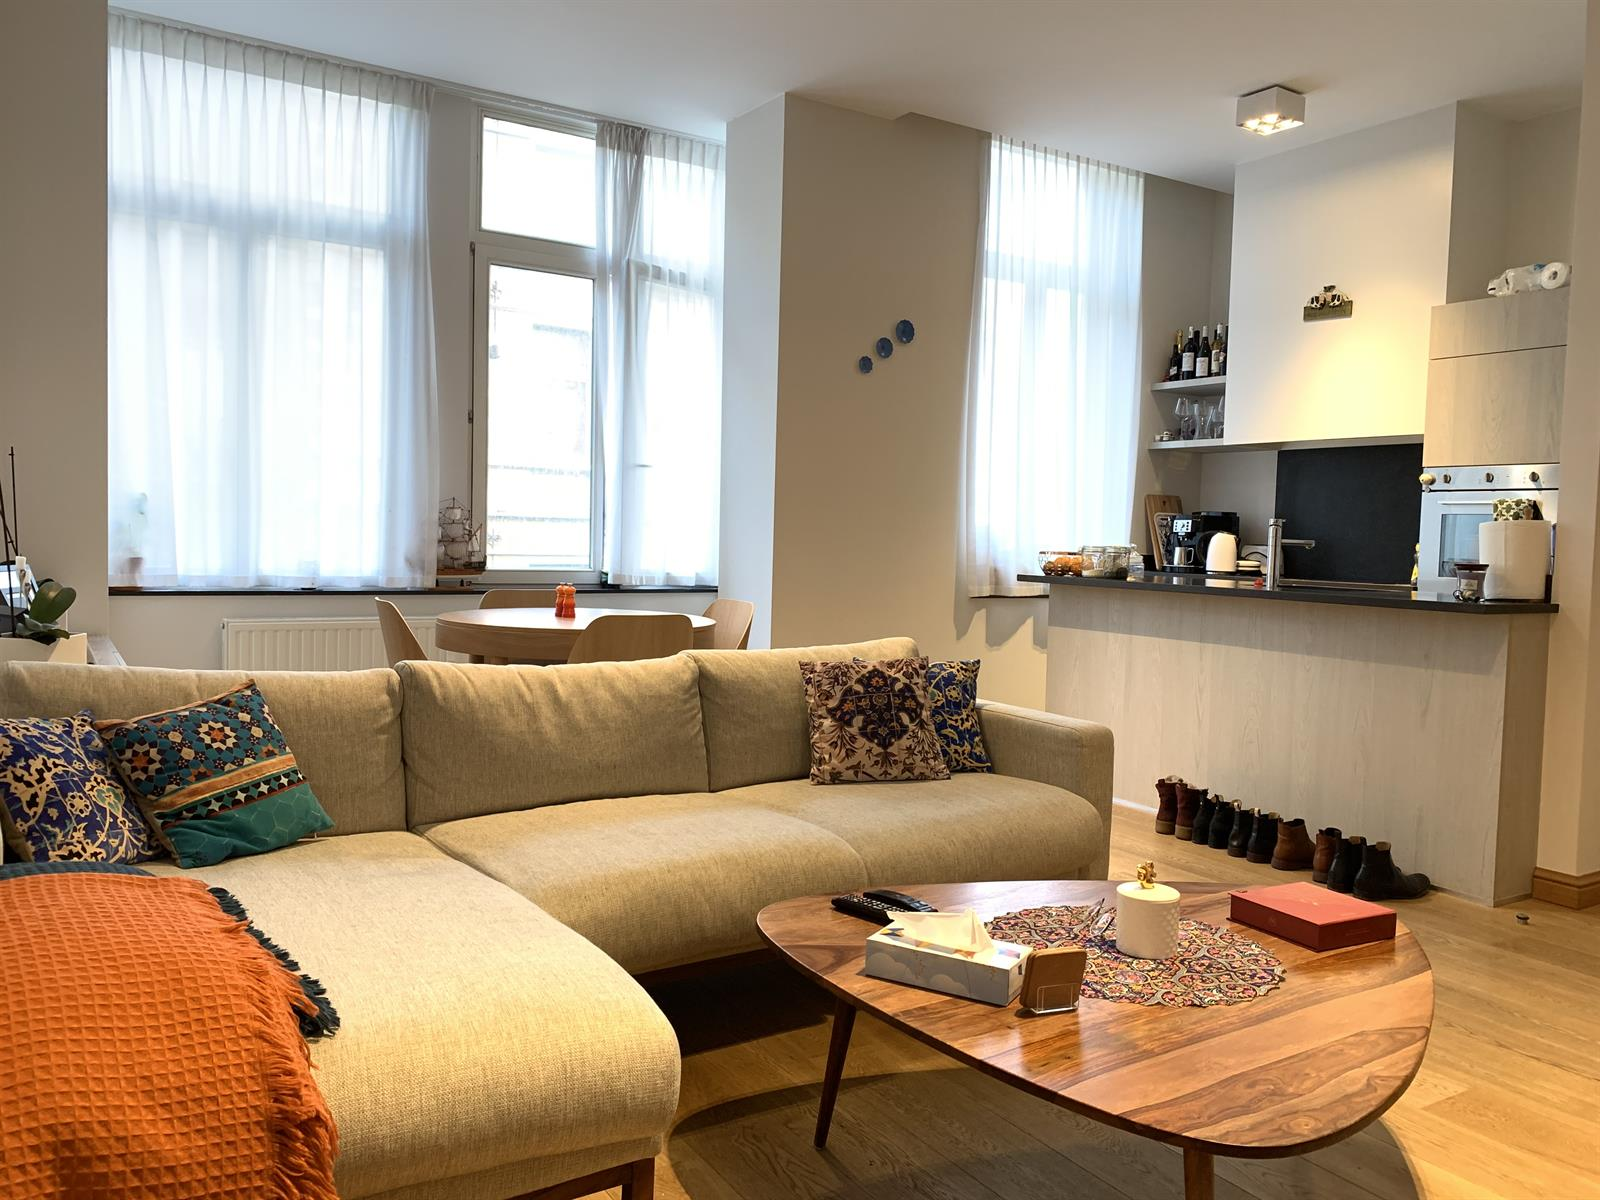 Appartement exceptionnel - Bruxelles - #4056384-39